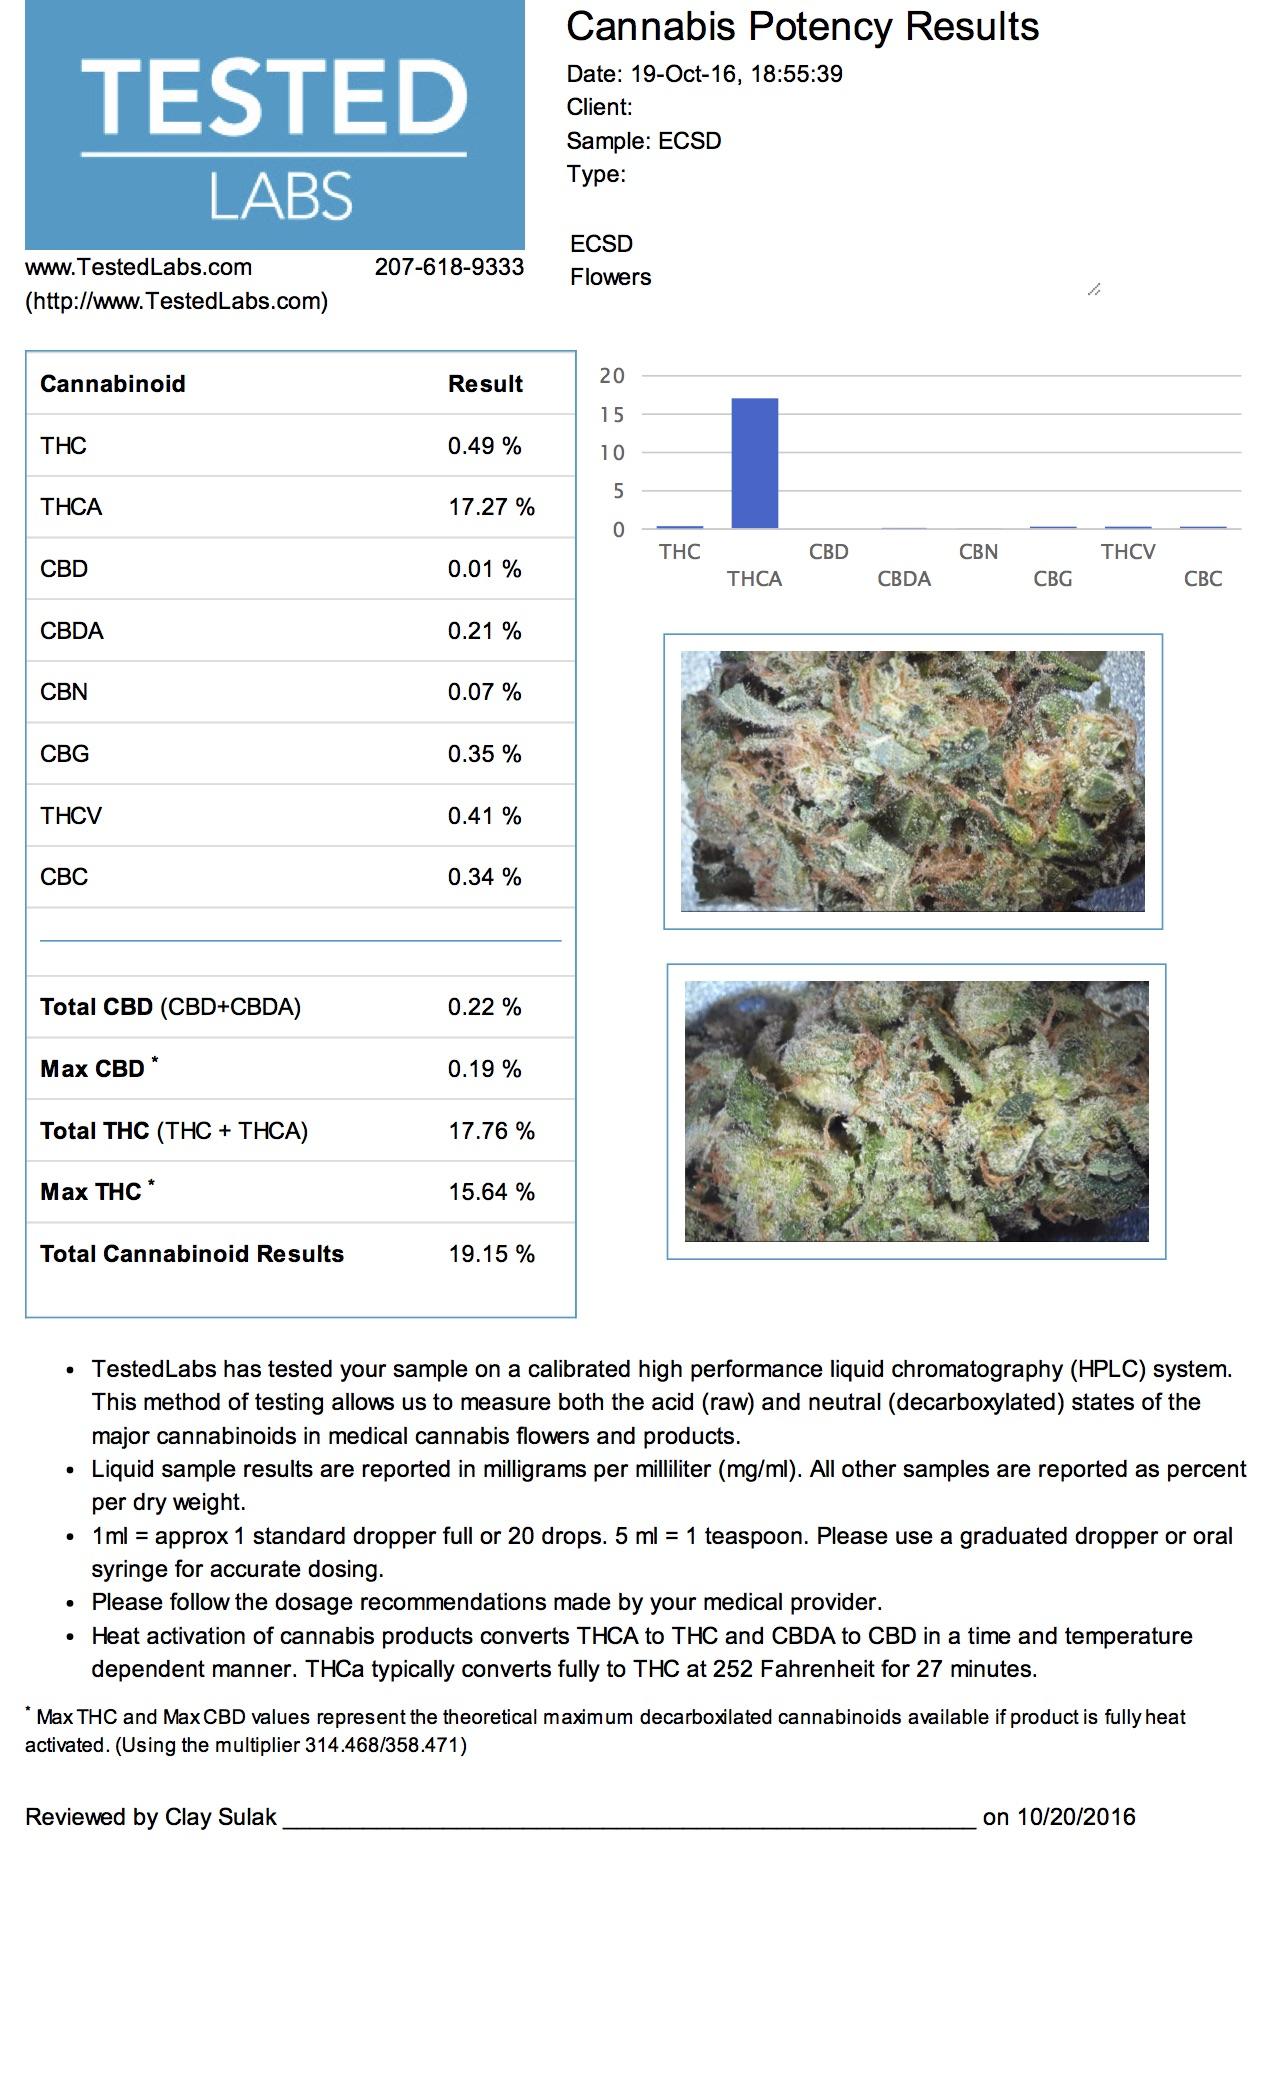 East Coast Sour Diesel (Cannabinoid)